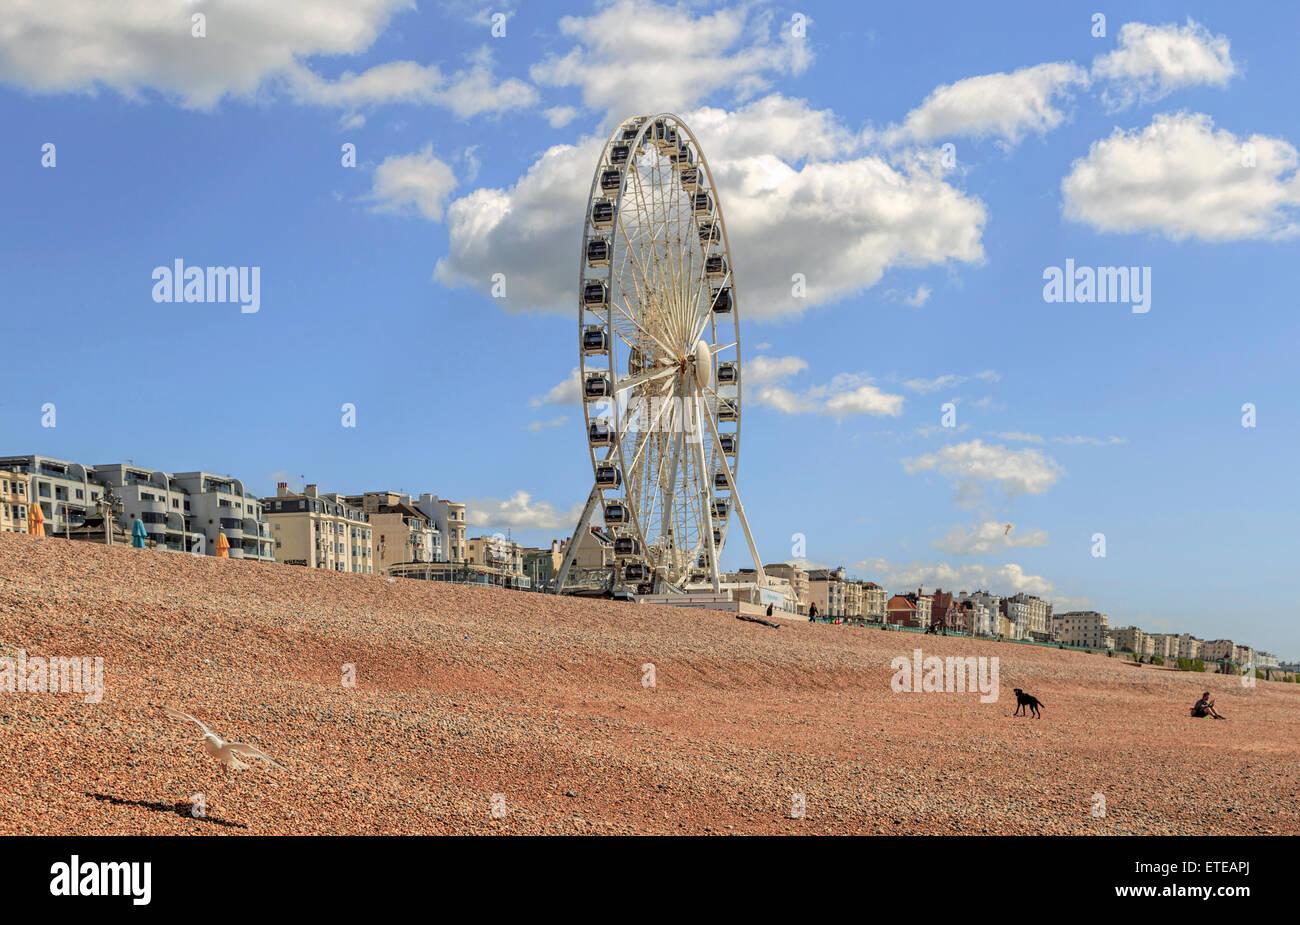 Vue sur la roue de Brighton (grande roue) sur une journée ensoleillée au printemps, le front de mer de Brighton, East Sussex, Angleterre, Royaume-Uni. Banque D'Images